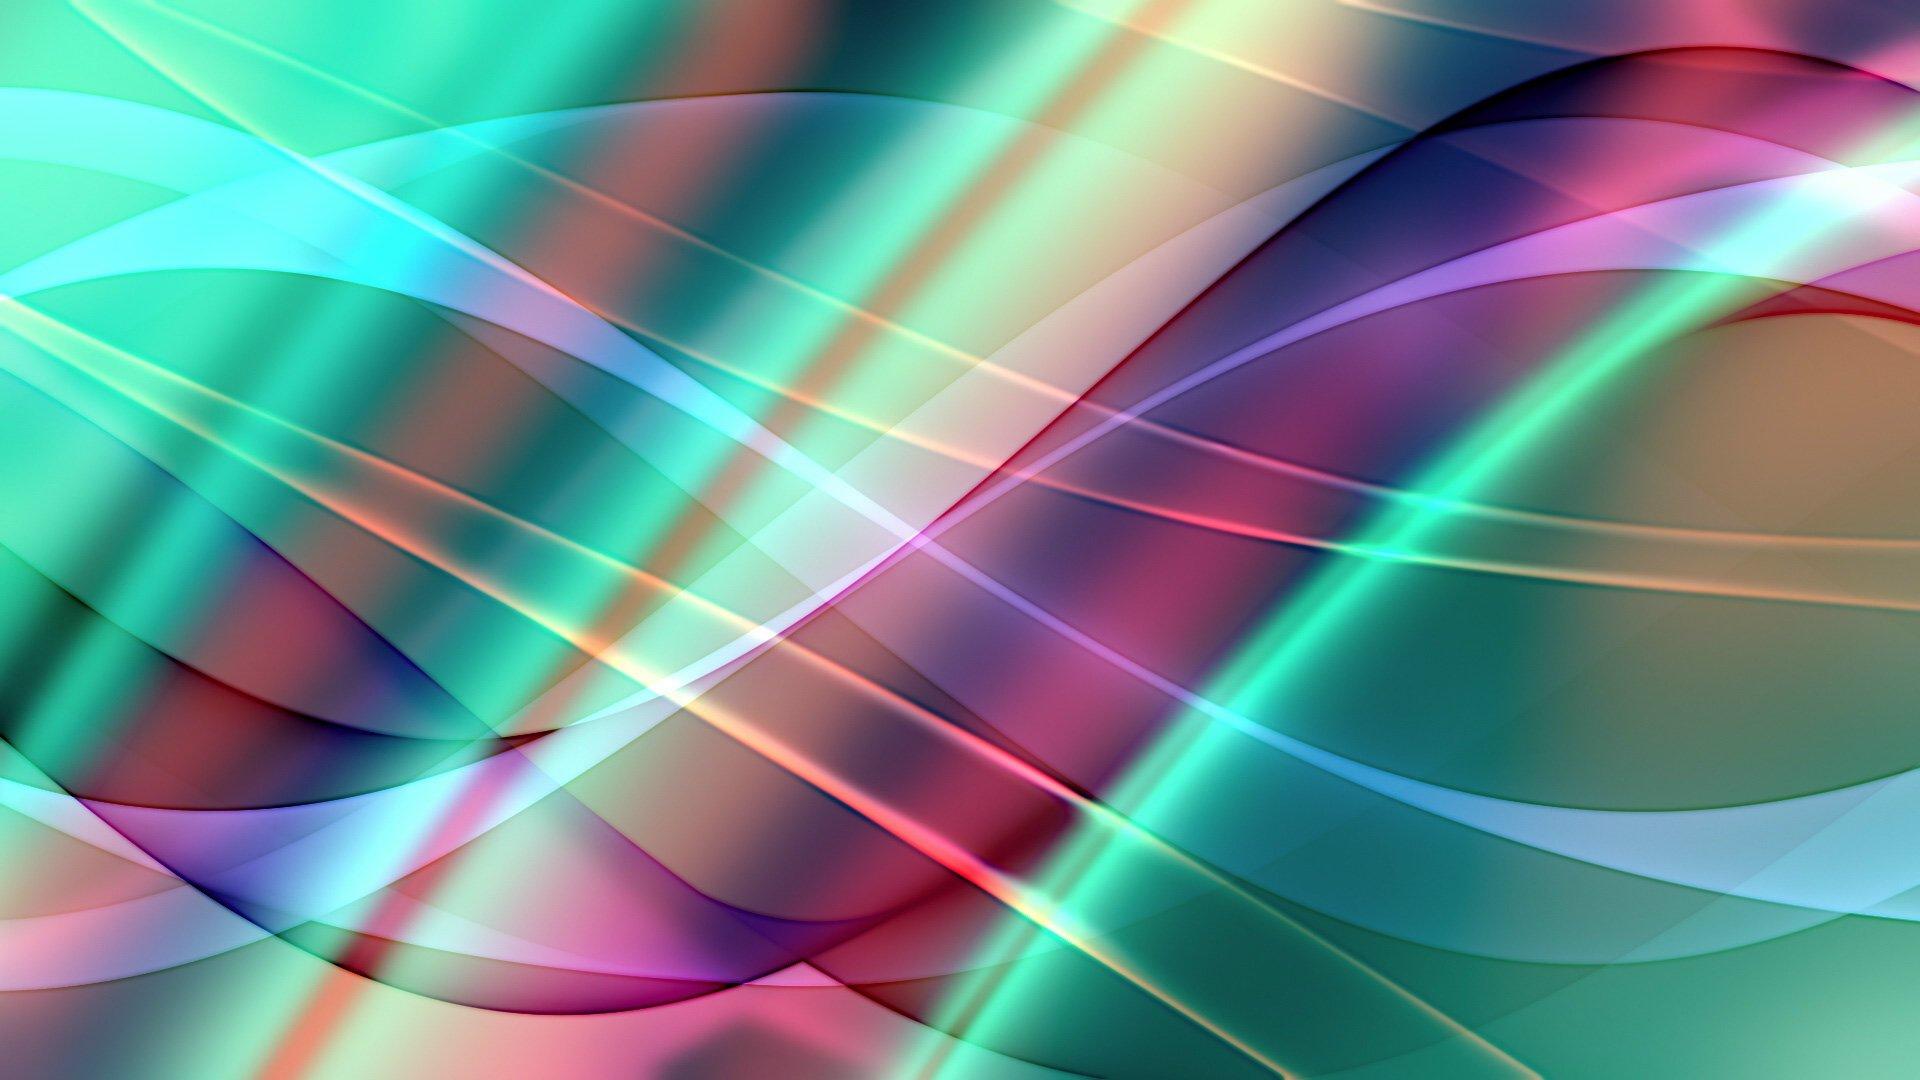 free background images for desktop | Slide Background Image